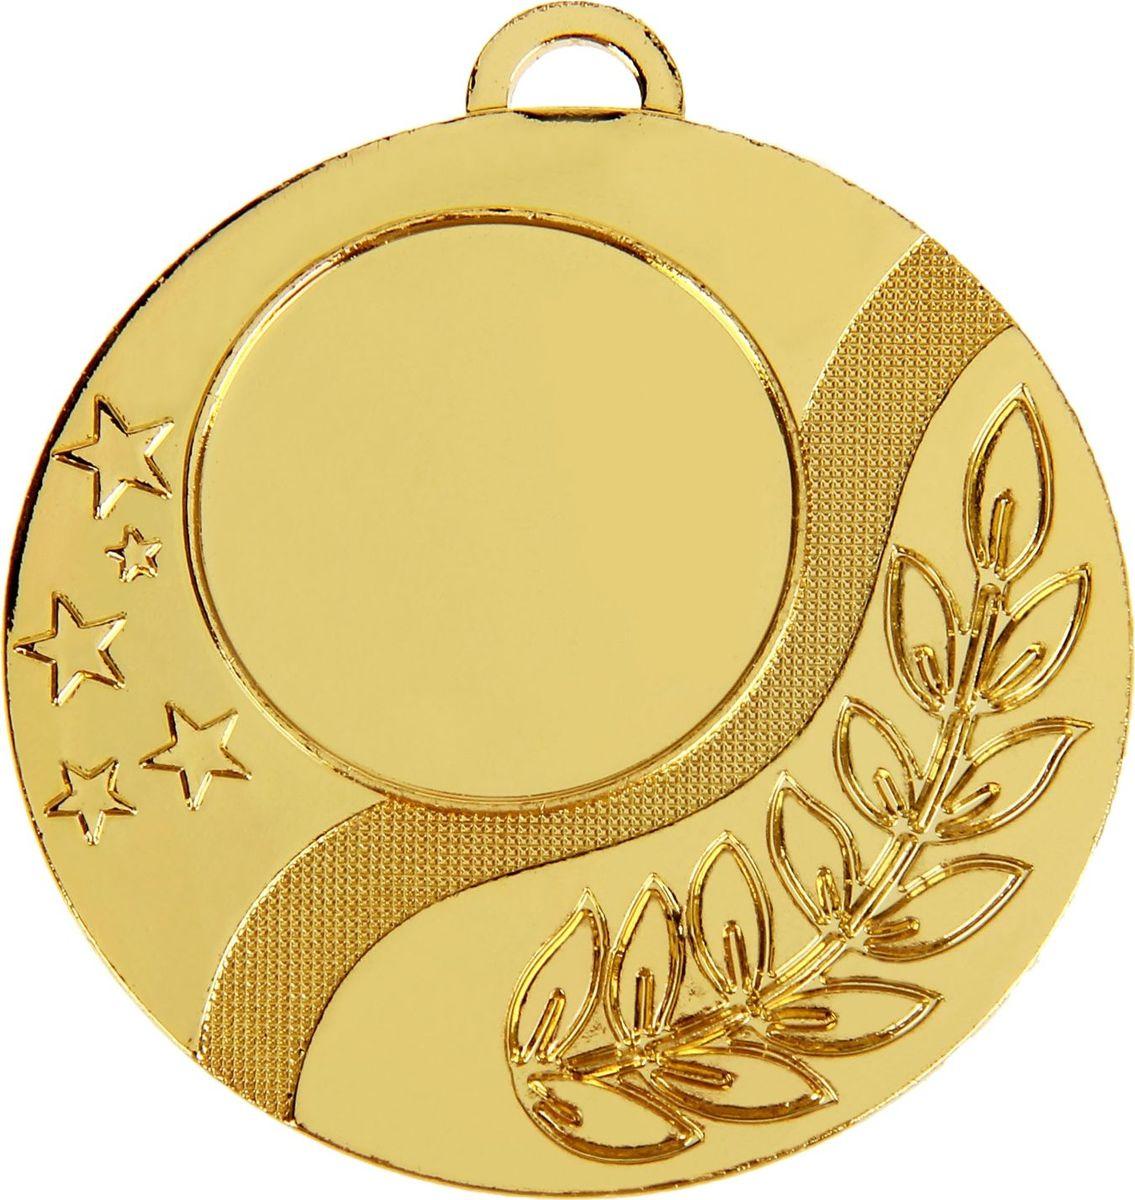 Медаль сувенирная с местом для гравировки, цвет: золотистый, диаметр 5 см. 0191028899Дизайн медали дополнен изображением лавра, ведь со времен греко-римской древности его ветви — символ славы, победы или мира. Эту награду вы сможете дополнить персональной гравировкой или корпоративной символикой. Если вы захотите подчеркнуть важность домашнего или корпоративного спортивного мероприятия, оригинальным и запоминающимся итогом соревнований будет вручение медалей участникам и победителям. Характеристики: Диаметр медали: 5 см Диаметр вкладыша (лицо): 2,5 см Диаметр вкладыша (оборот): 4,5 см.